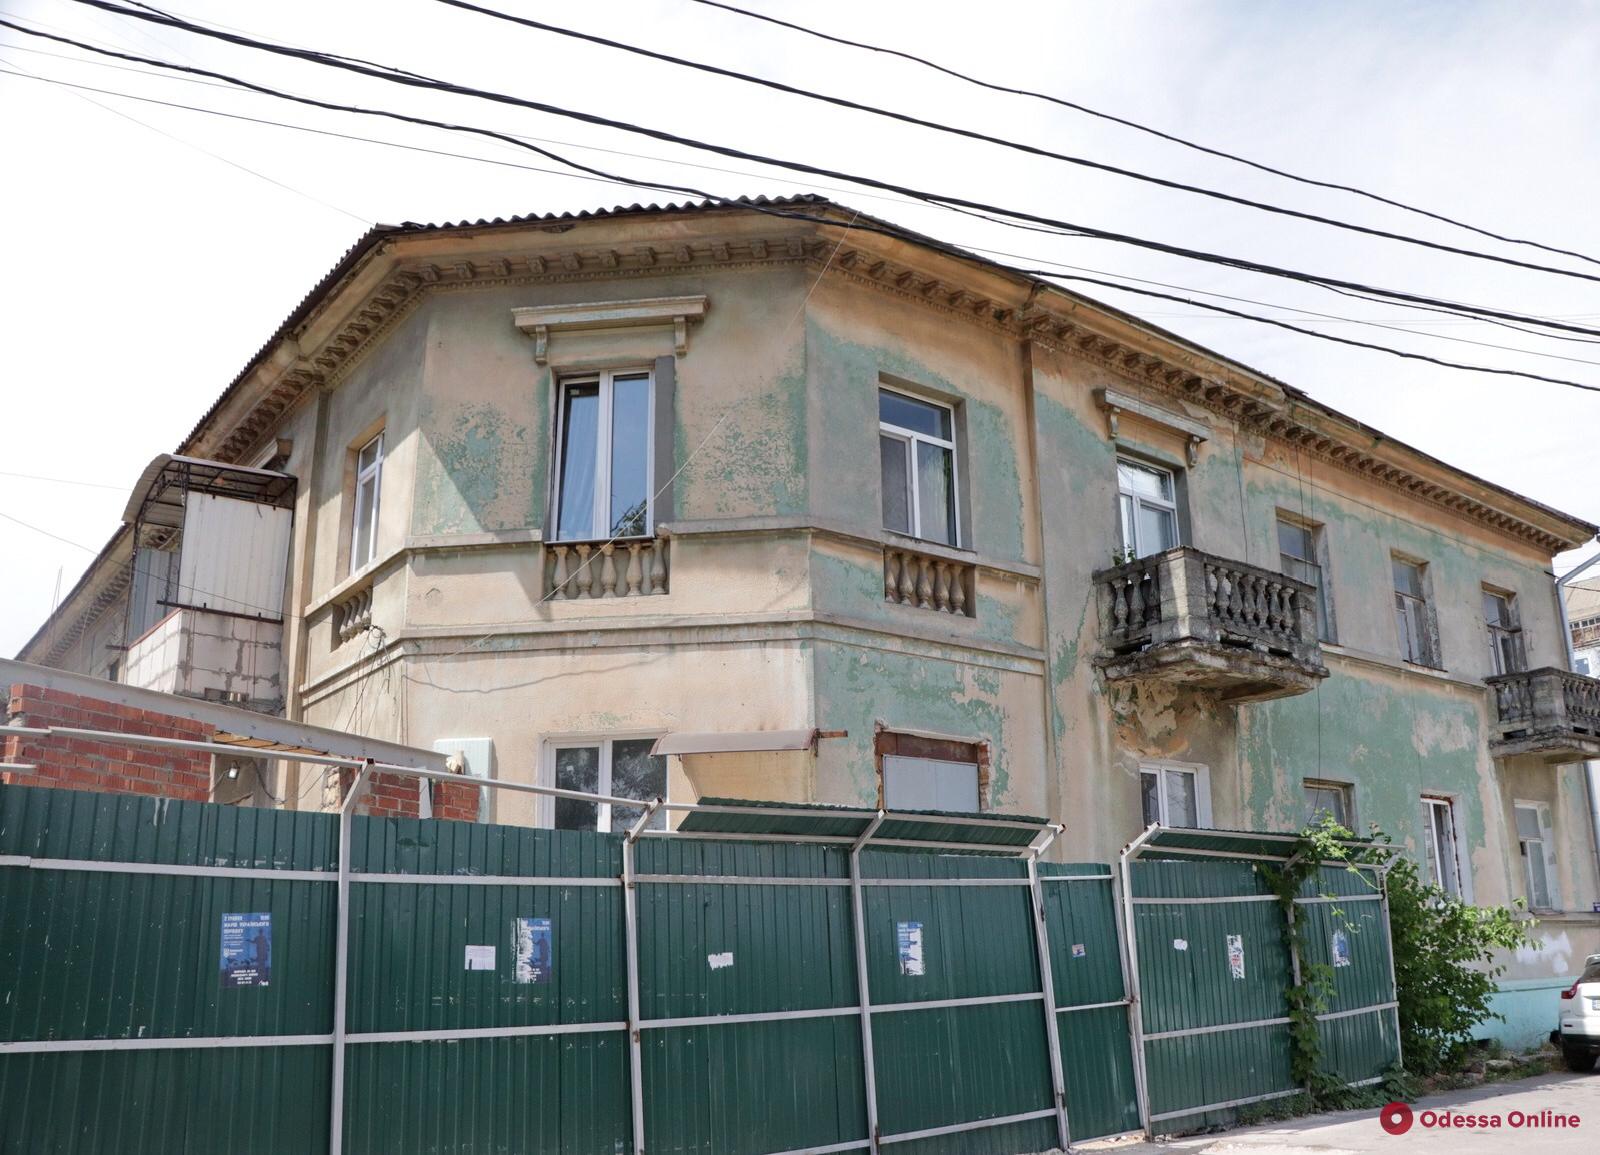 Одесса: на Бугаевке появится новая семейная амбулатория